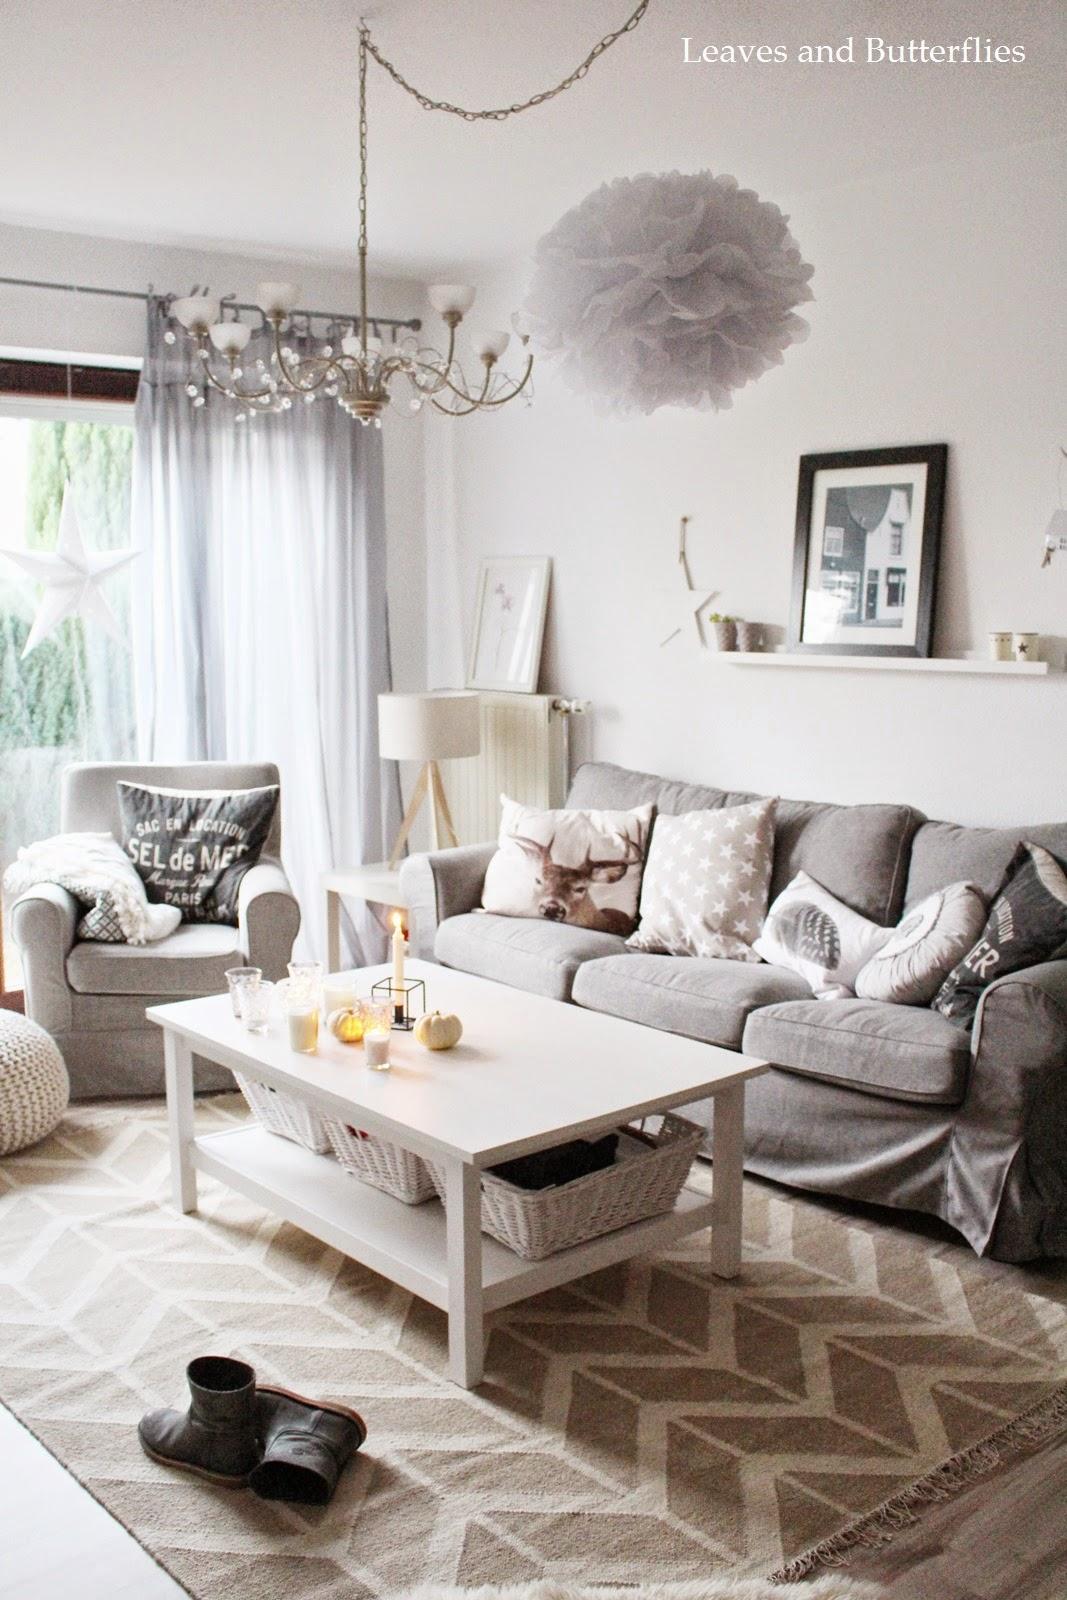 kleiner wohnzimmer einblick und ein sch nes wochenende f r. Black Bedroom Furniture Sets. Home Design Ideas